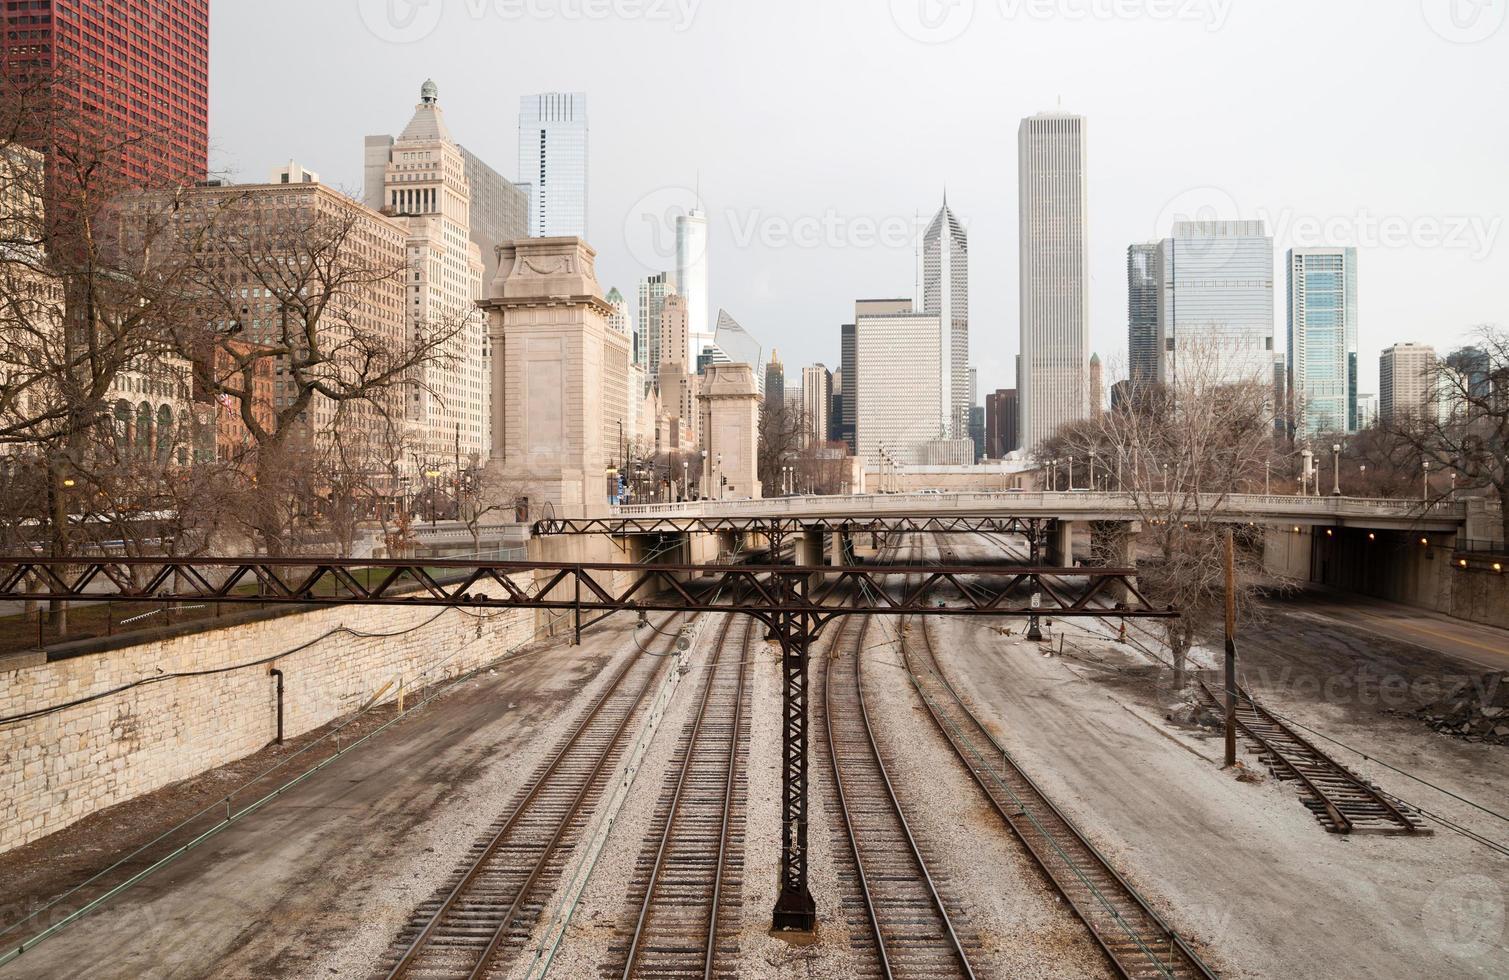 Eisenbahnbahngleise Güterbahnen Innenstadt Chicago Skyline Transport foto